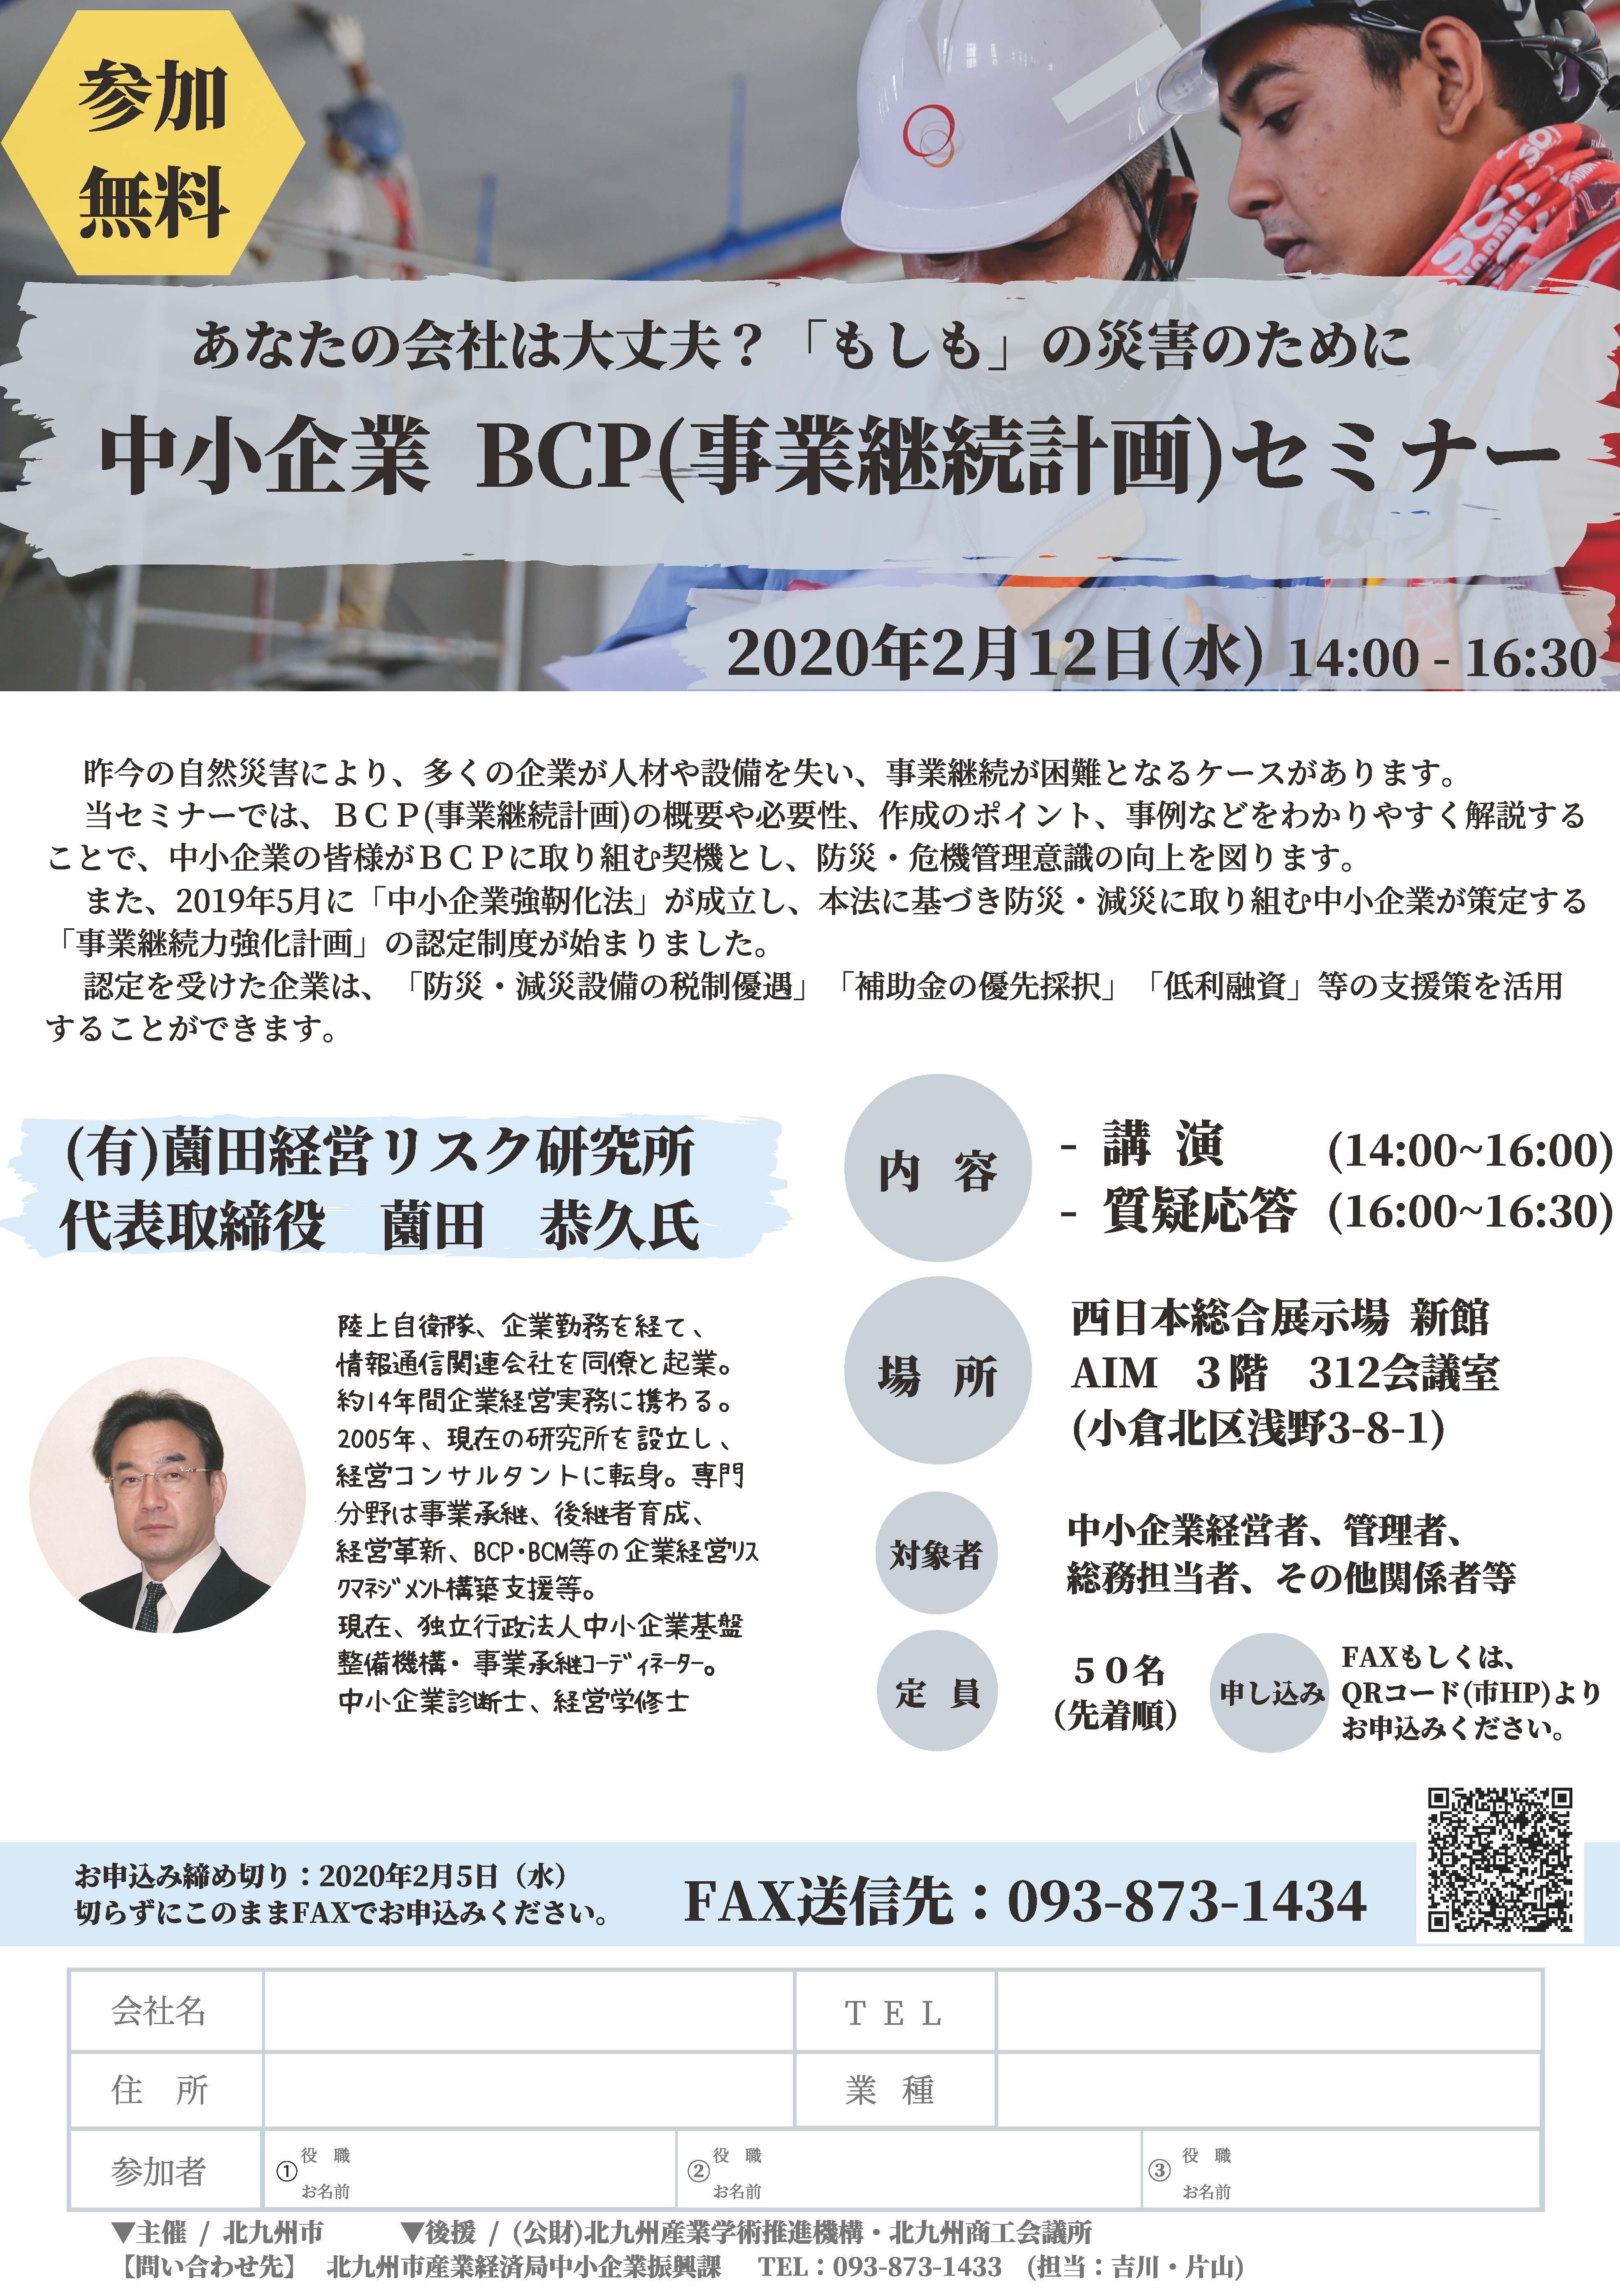 「中小企業 BCP(事業継続計画)セミナー」 ~あなたの会社は大丈夫?「もしも」の災害のために~